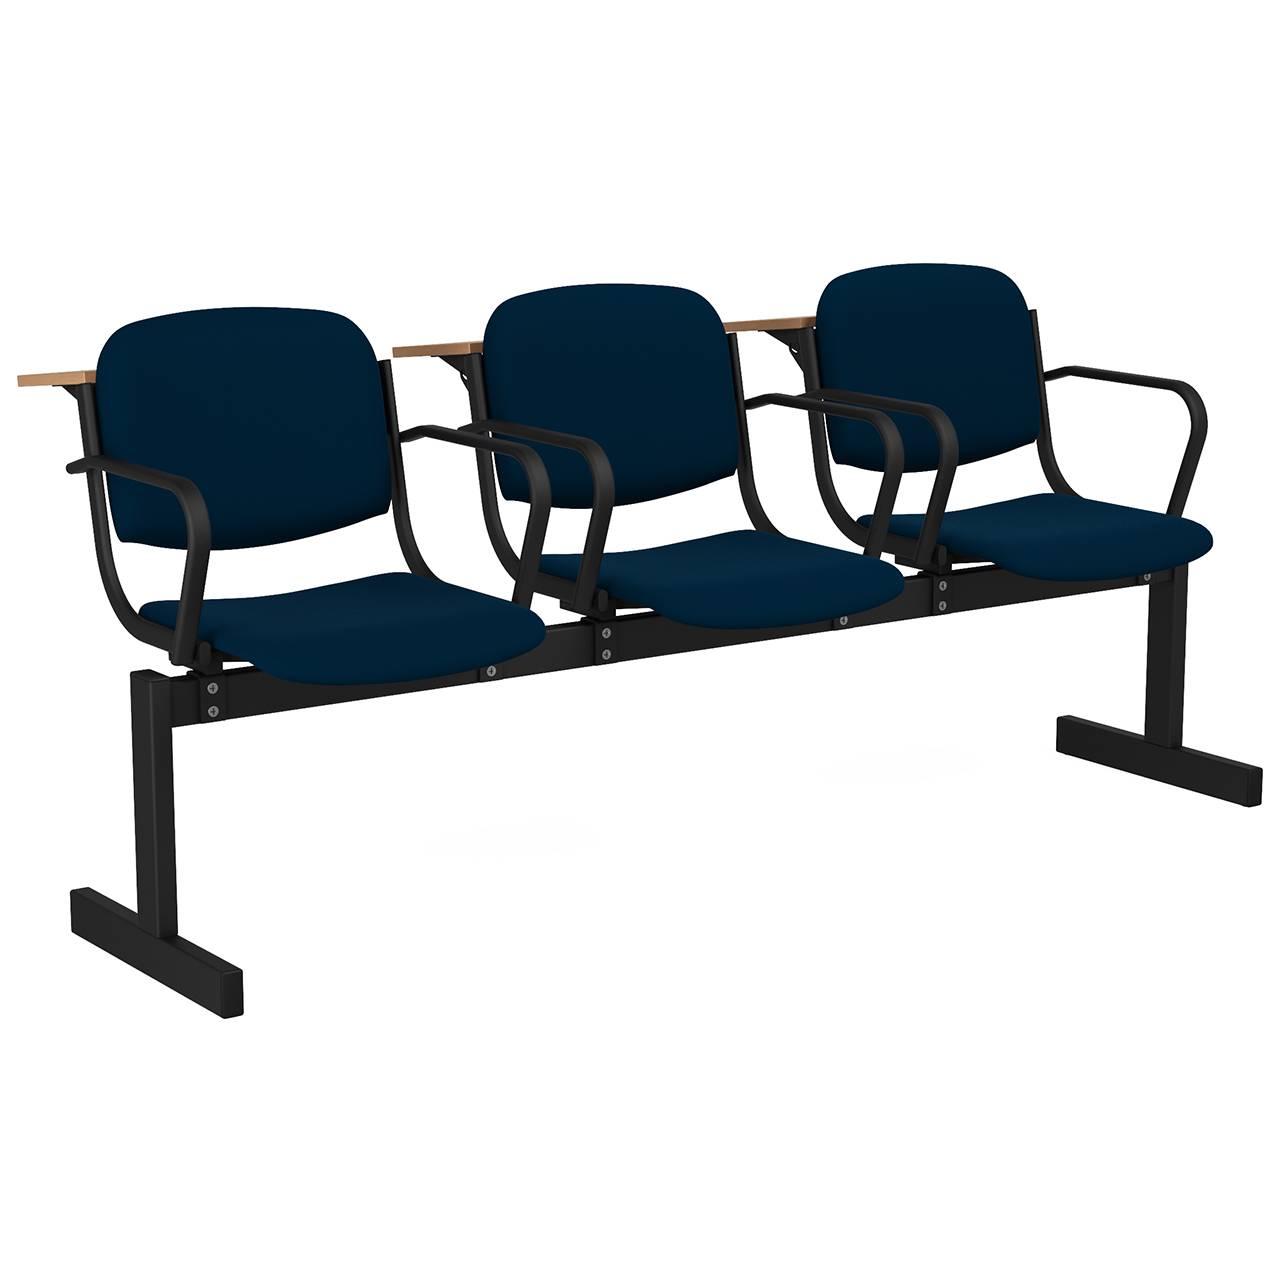 3-местный, не откидывающиеся сиденья, мягкий, подлокотники, лекционный черный синий Флок